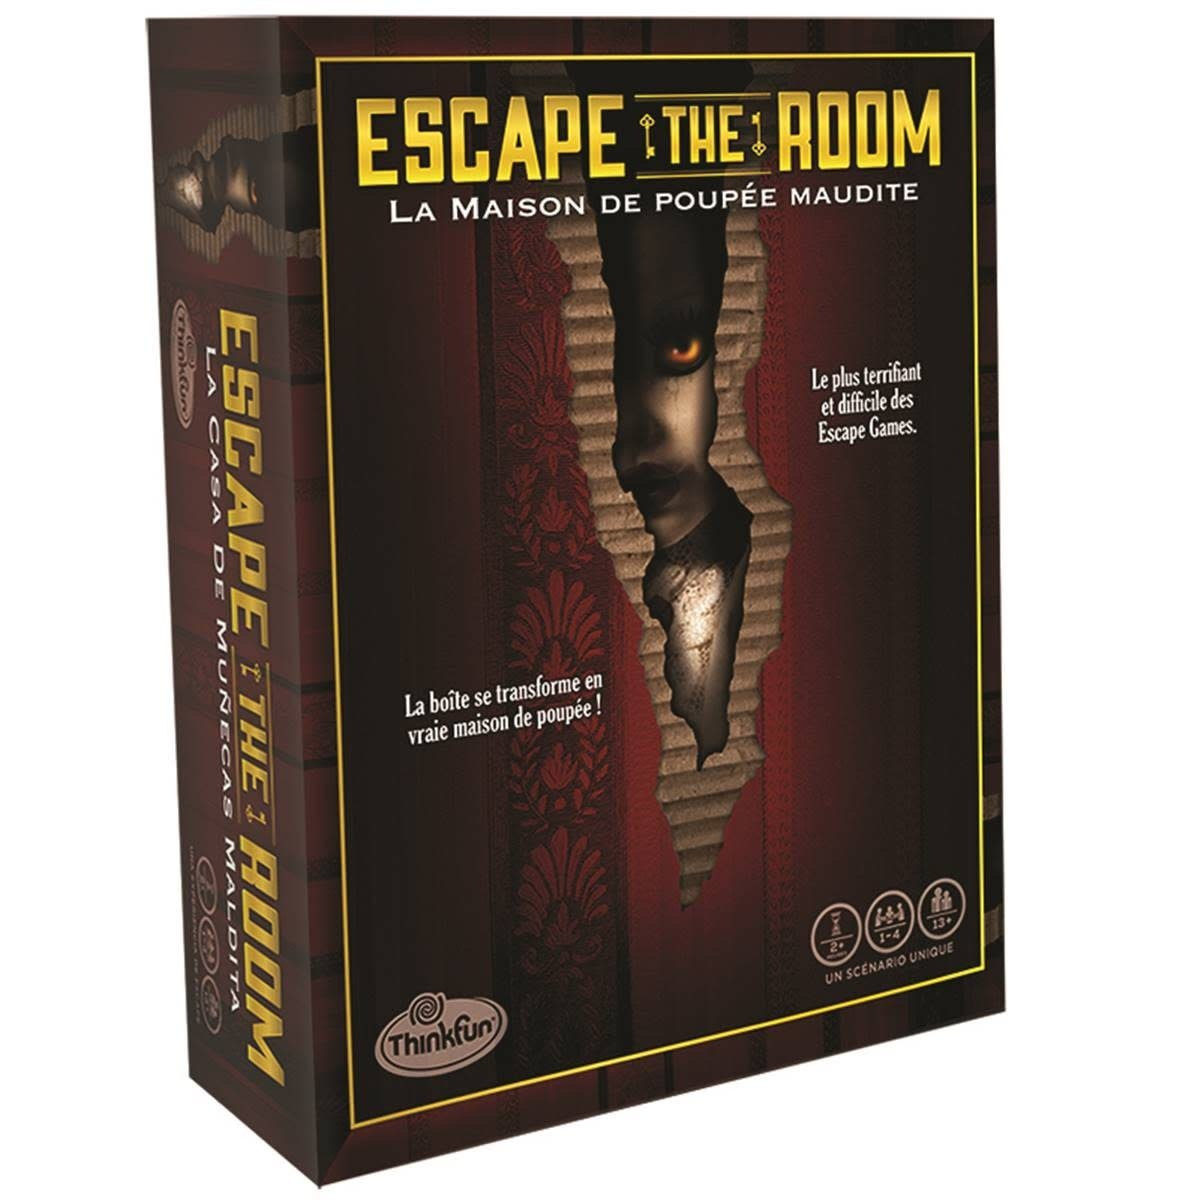 Escape the Room: La Maison de Poupée Maudite